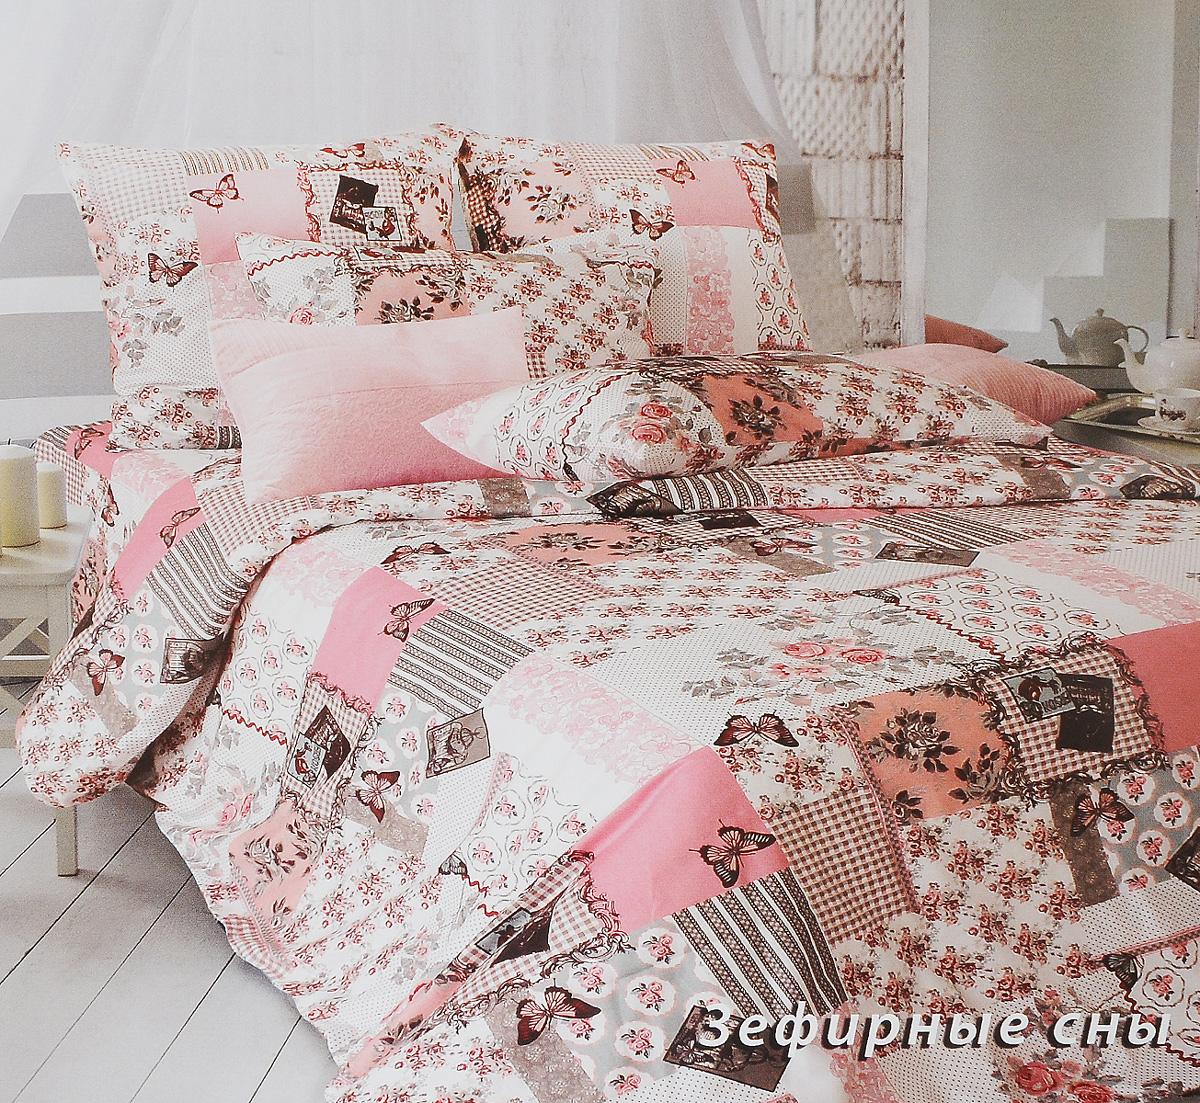 Комплект белья Tiffanys Secret Зефирные сны, 1,5-спальный, наволочки 50х70, цвет: розовый, белый, темно-коричневый2040115958Комплект постельного белья Tiffanys Secret Зефирные сны является экологически безопасным для всей семьи, так как выполнен из сатина (100% хлопок). Комплект состоит из пододеяльника, простыни и двух наволочек. Предметы комплекта оформлены оригинальным рисунком.Благодаря такому комплекту постельного белья вы сможете создать атмосферу уюта и комфорта в вашей спальне.Сатин - это ткань, навсегда покорившая сердца человечества. Ценившие роскошь персы называли ее атлас, а искушенные в прекрасном французы - сатин. Секрет высококачественного сатина в безупречности всего технологического процесса. Эту благородную ткань делают только из отборной натуральной пряжи, которую получают из самого лучшего тонковолокнистого хлопка. Благодаря использованию самой тонкой хлопковой нити получается необычайно мягкое и нежное полотно. Сатиновое постельное белье превращает жаркие летние ночи в прохладные и освежающие, а холодные зимние - в теплые и согревающие. Сатин очень приятен на ощупь, постельное белье из него долговечно, выдерживает более 300 стирок, и лишь спустя долгое время материал начинает немного тускнеть. Оцените все достоинства постельного белья из сатина, выбирая самое лучшее для себя!